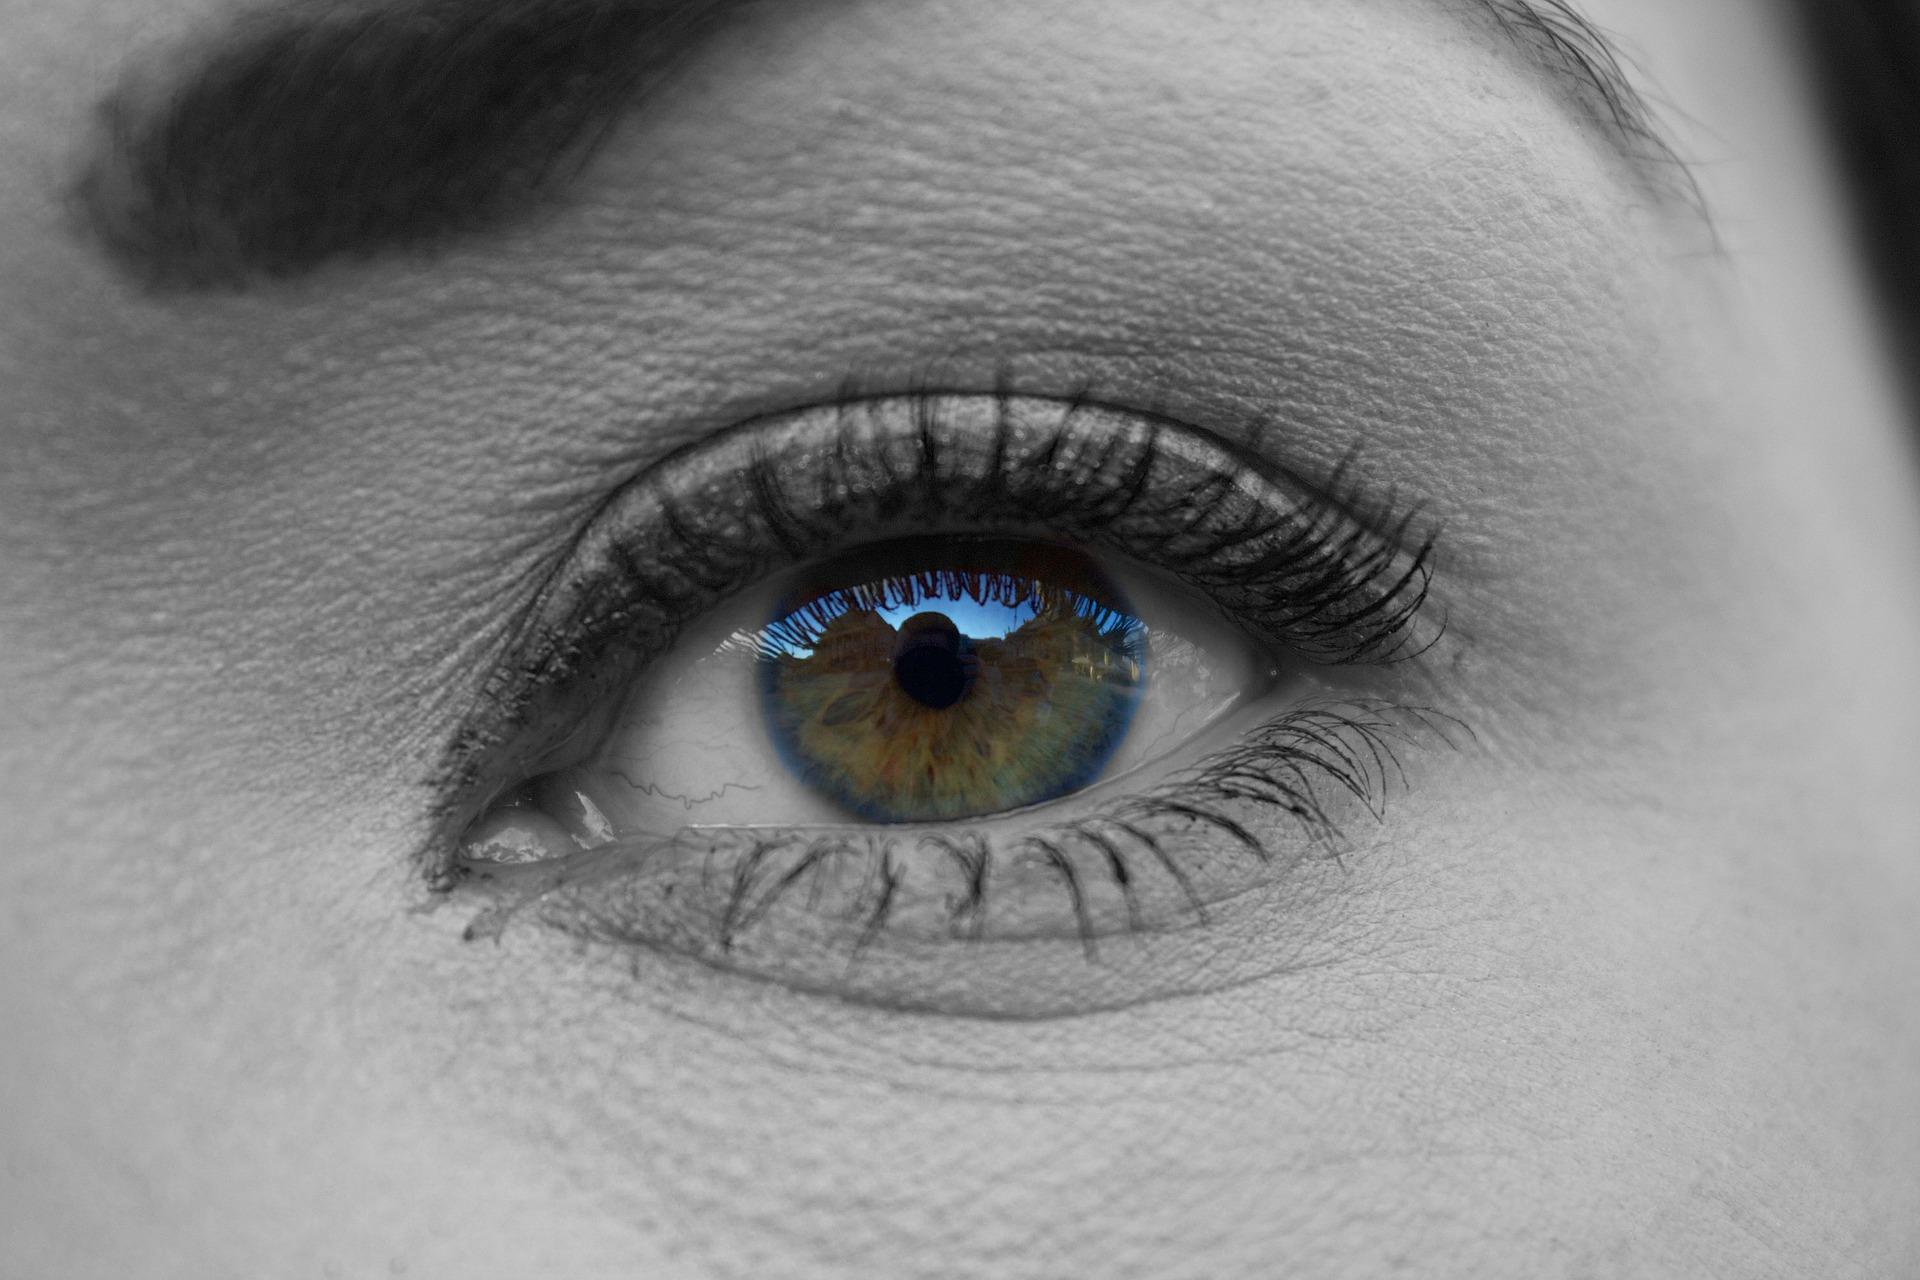 Eye Edited Using Photoshop